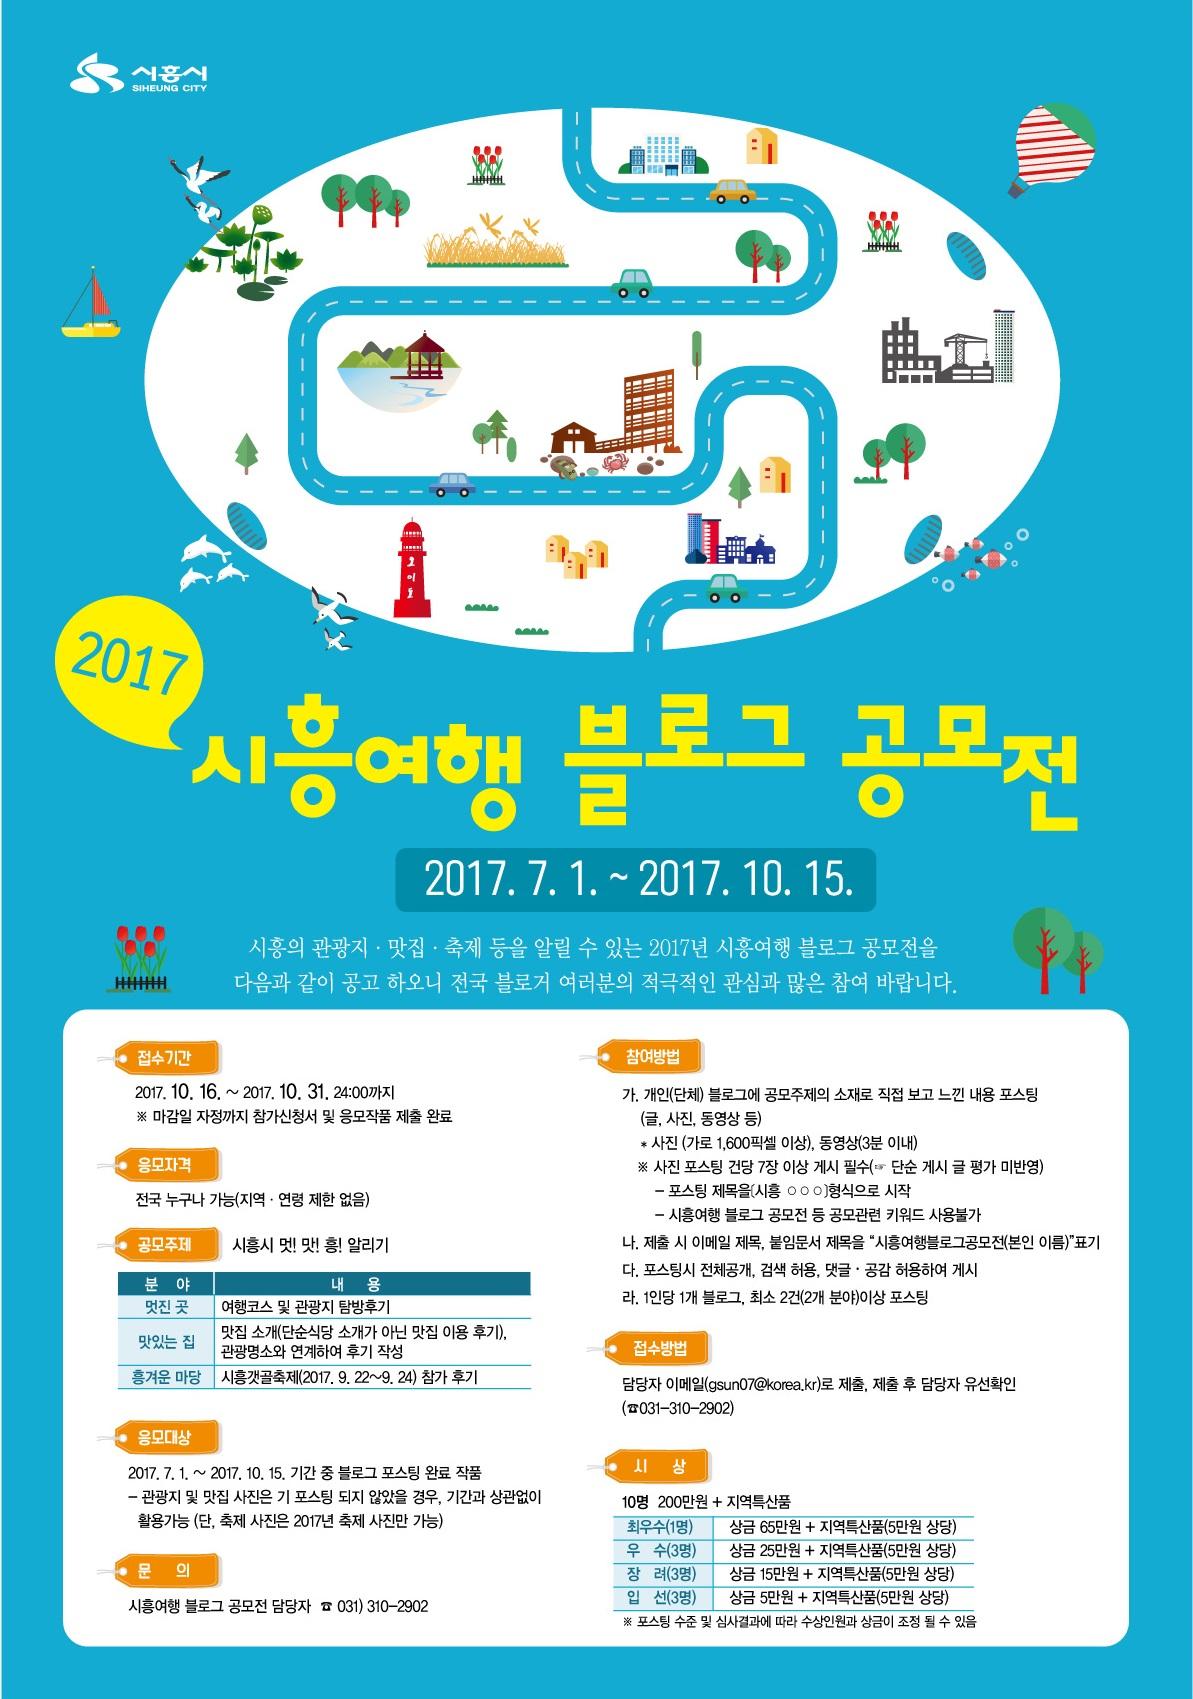 2017 시흥여행 블로그 공모전 2017.7.1~2017.10.15